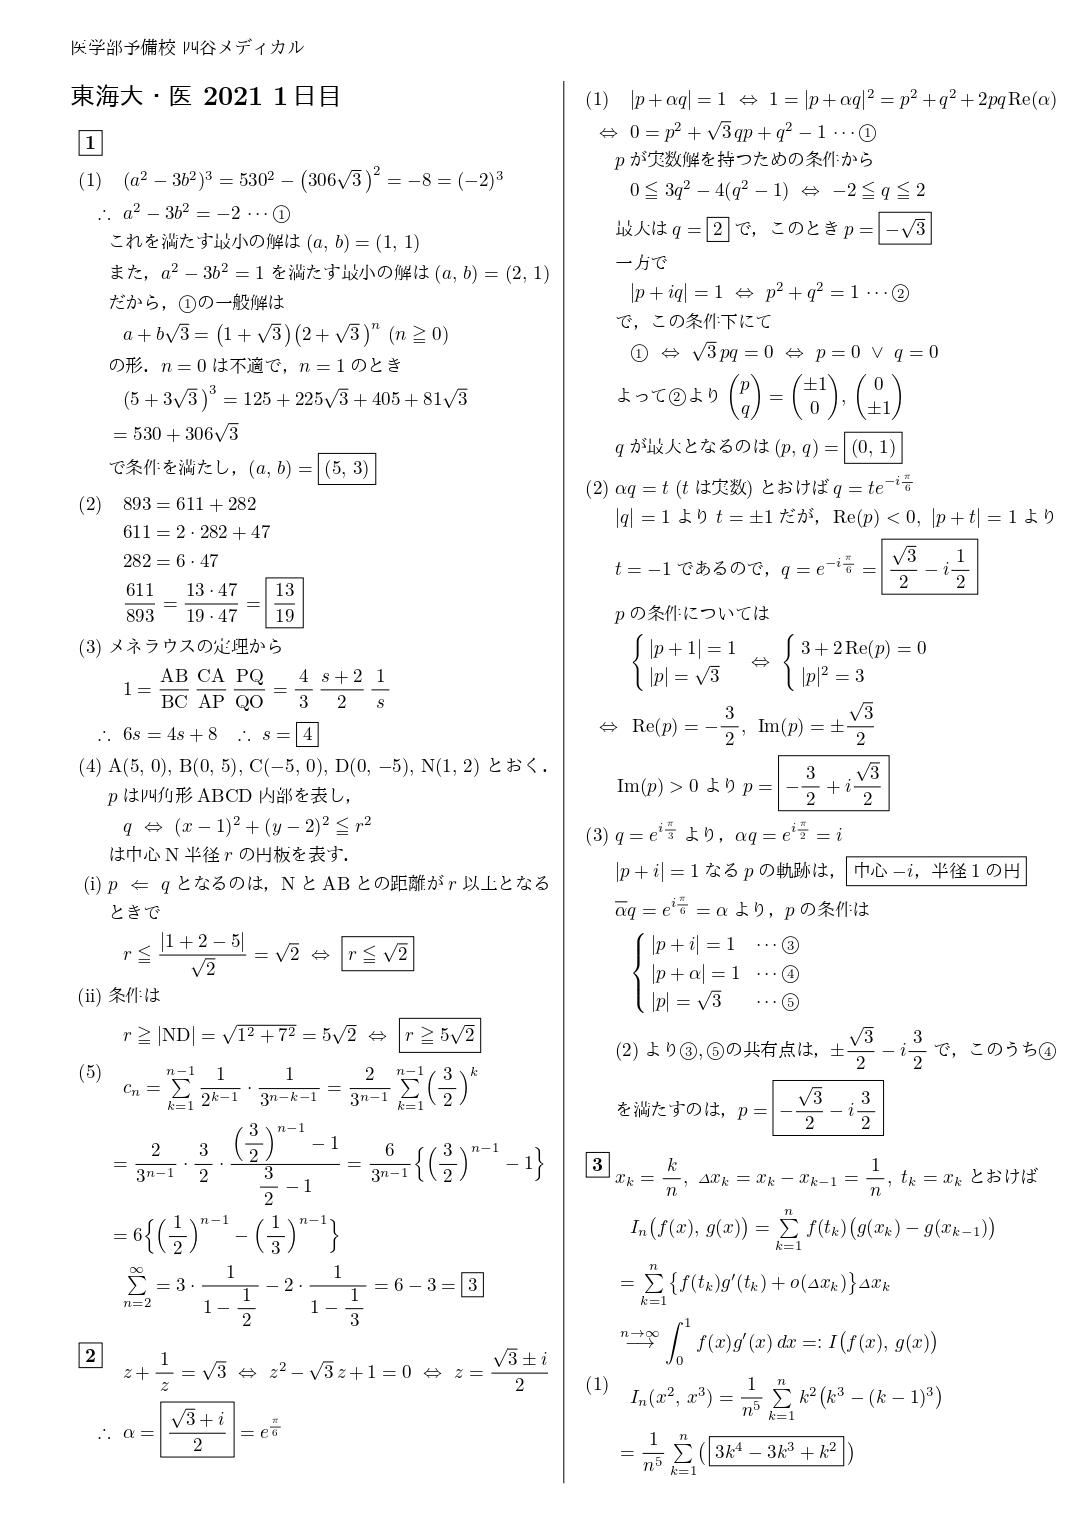 2021年2月2日 東海大学1日目(数学) 解答速報